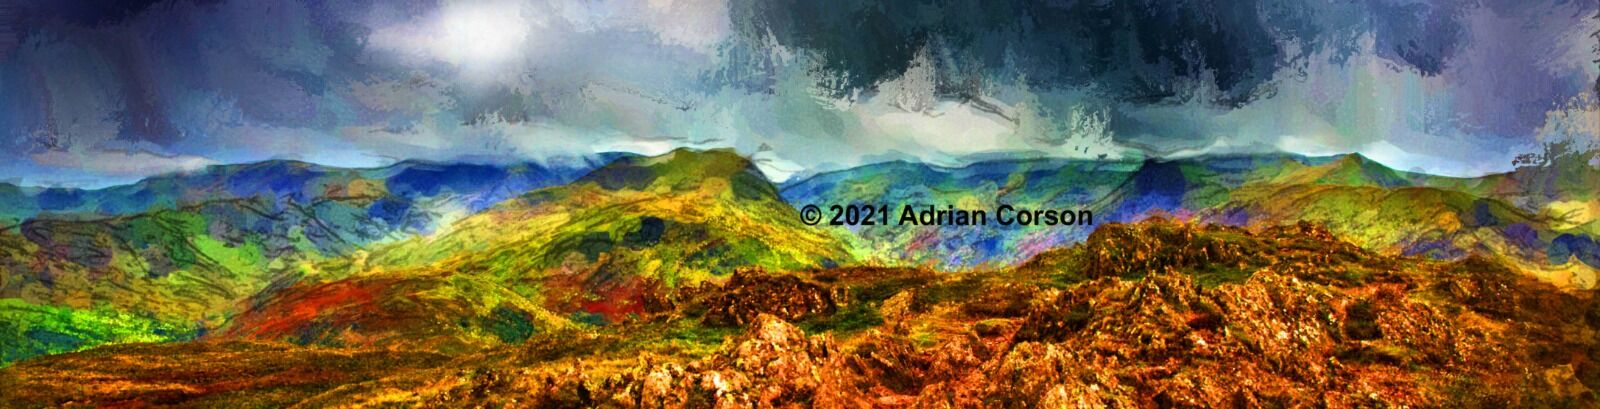 112-mountain sumit